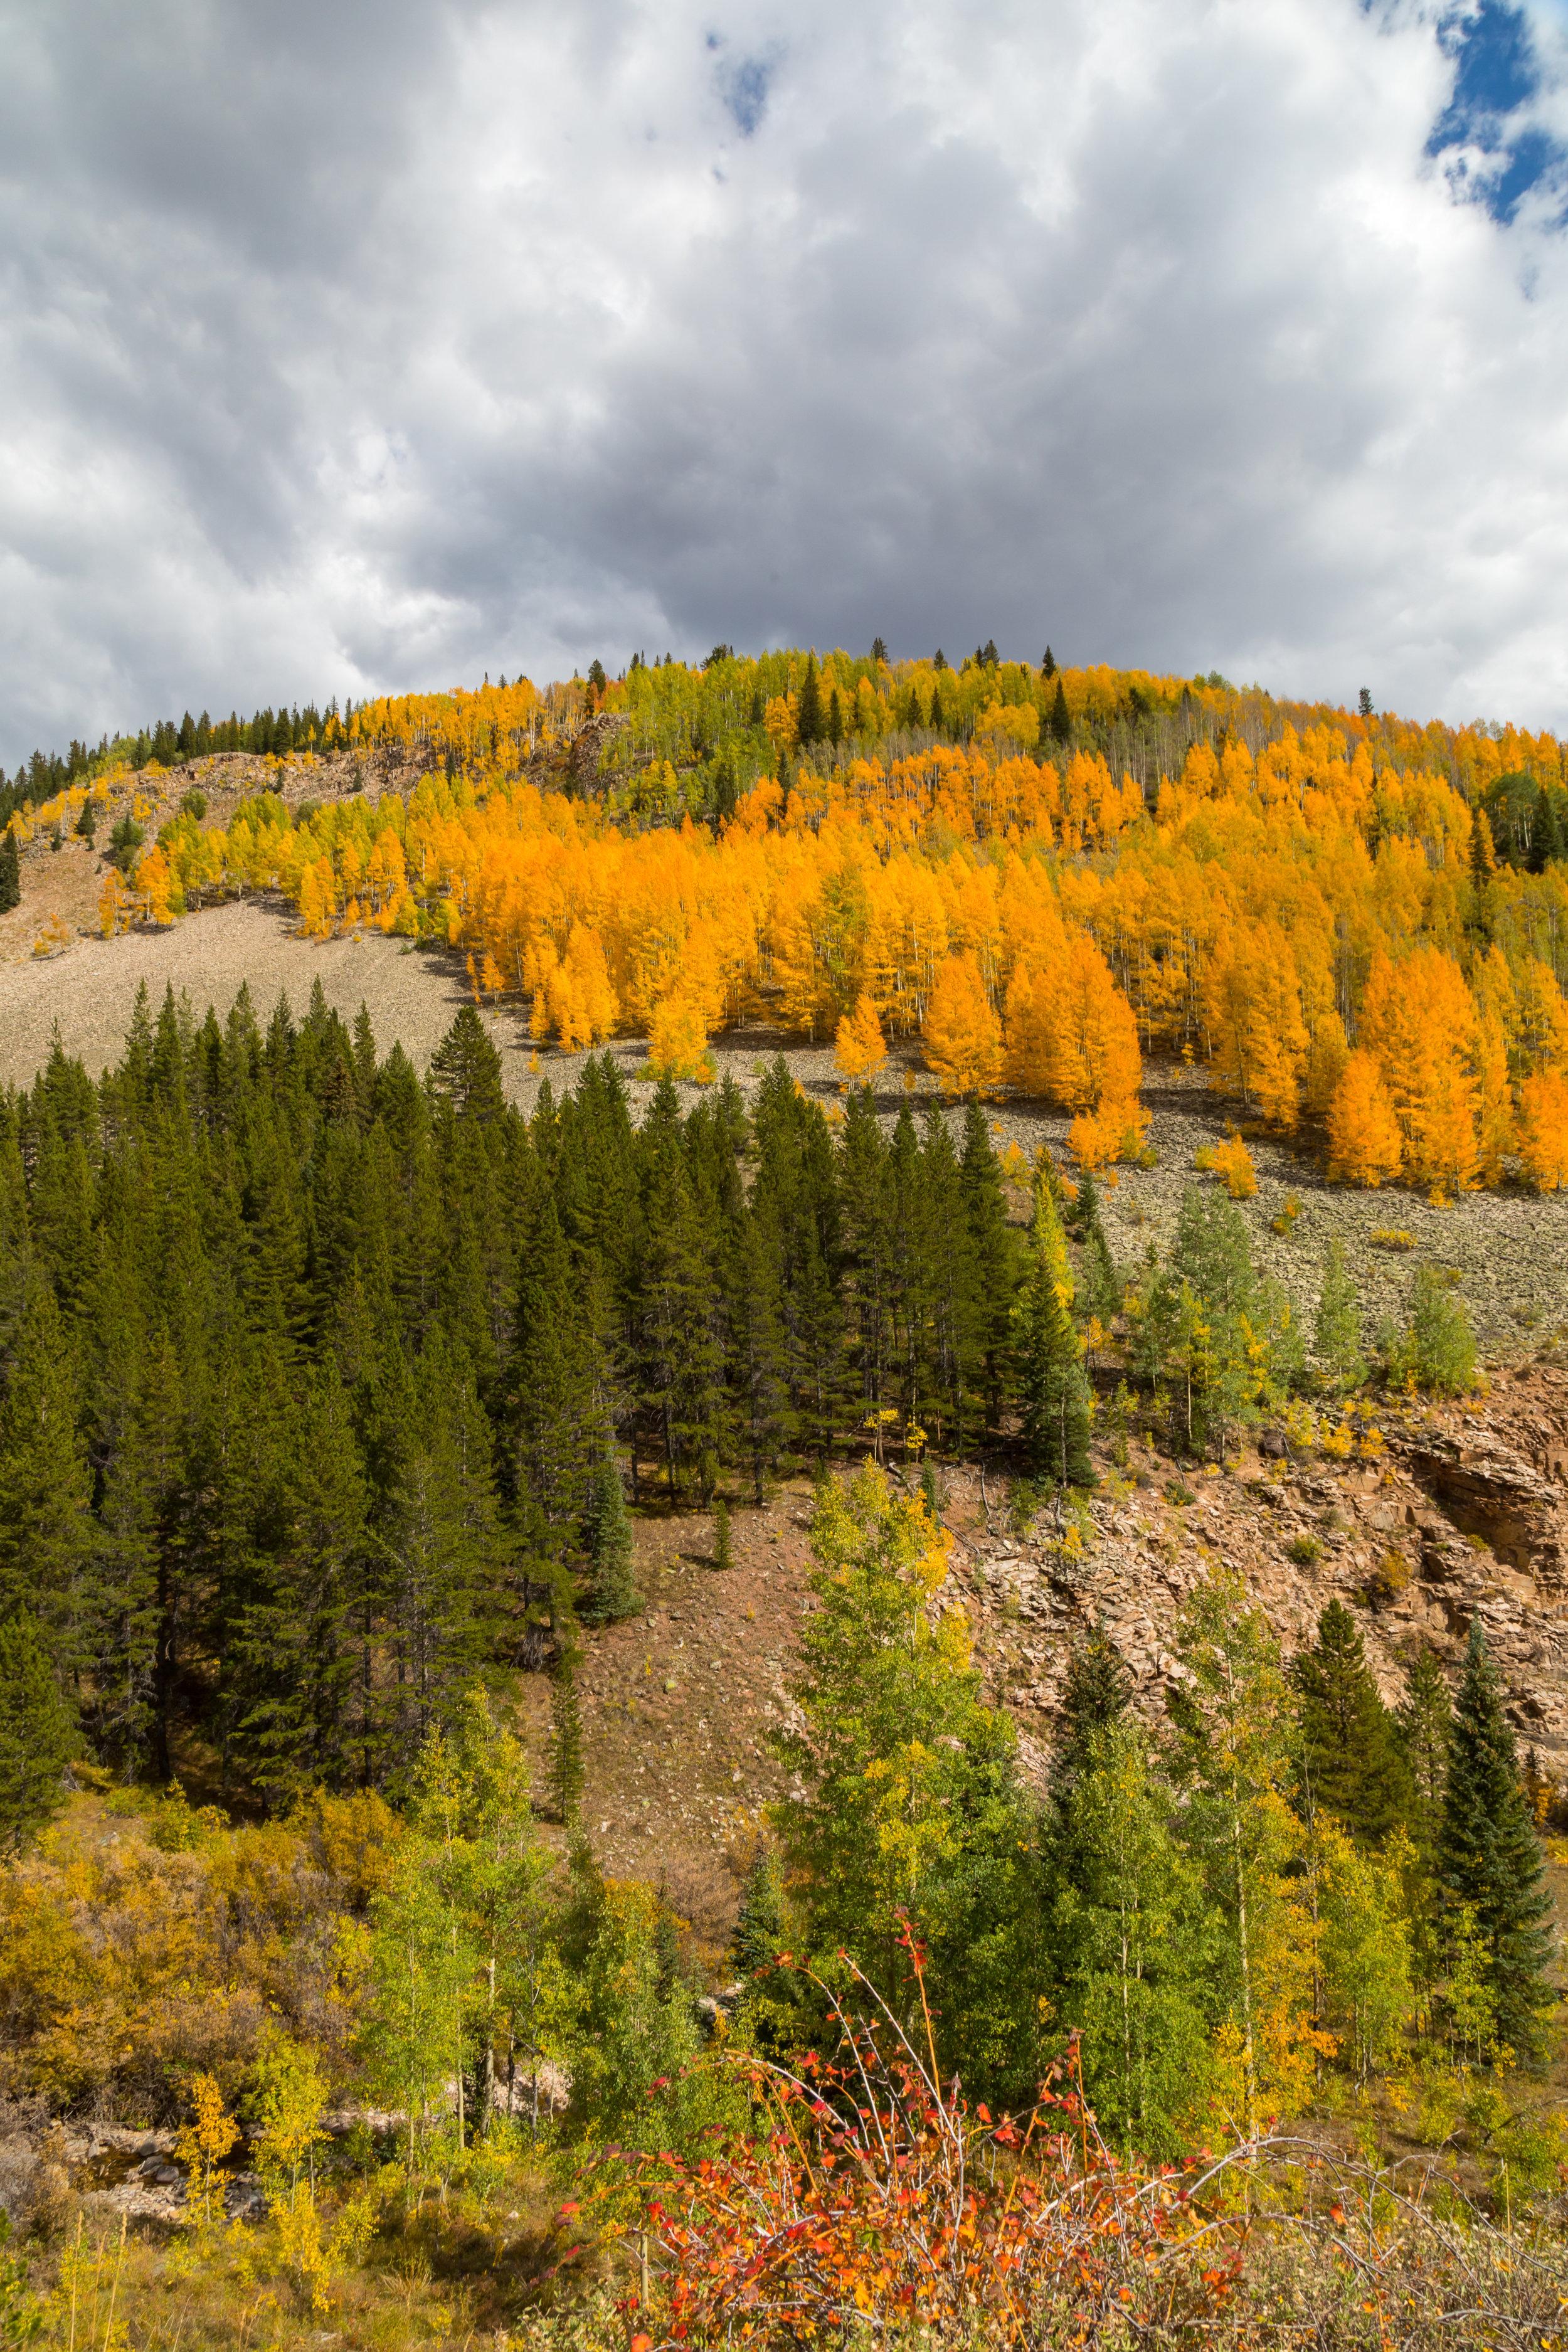 Lime Creek, Image # 4092